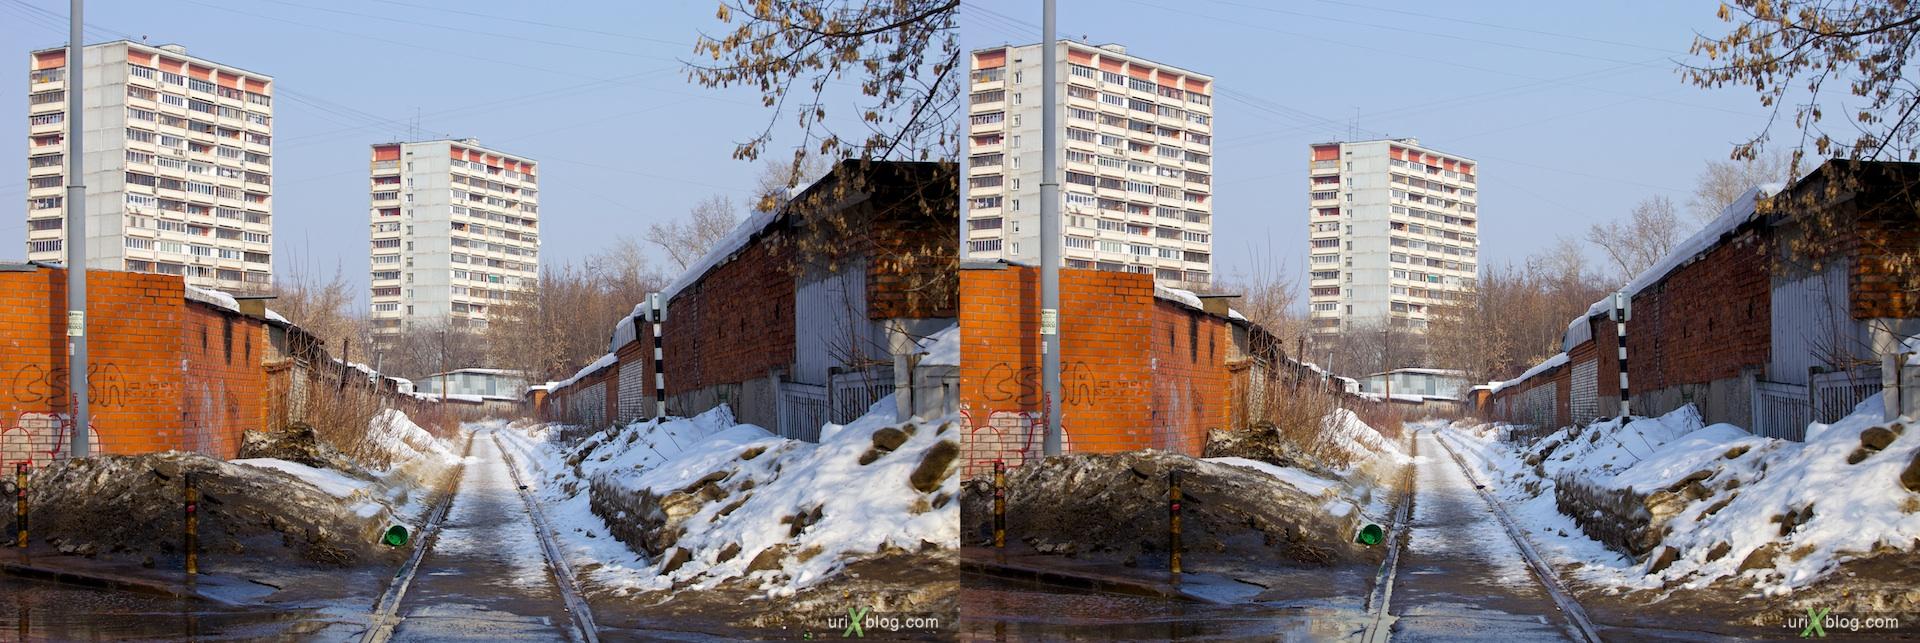 2011 Москва перекрёстная стерео фотография, Moscow cross-eye photograph, железная дорога от Электрозавода, гаражи